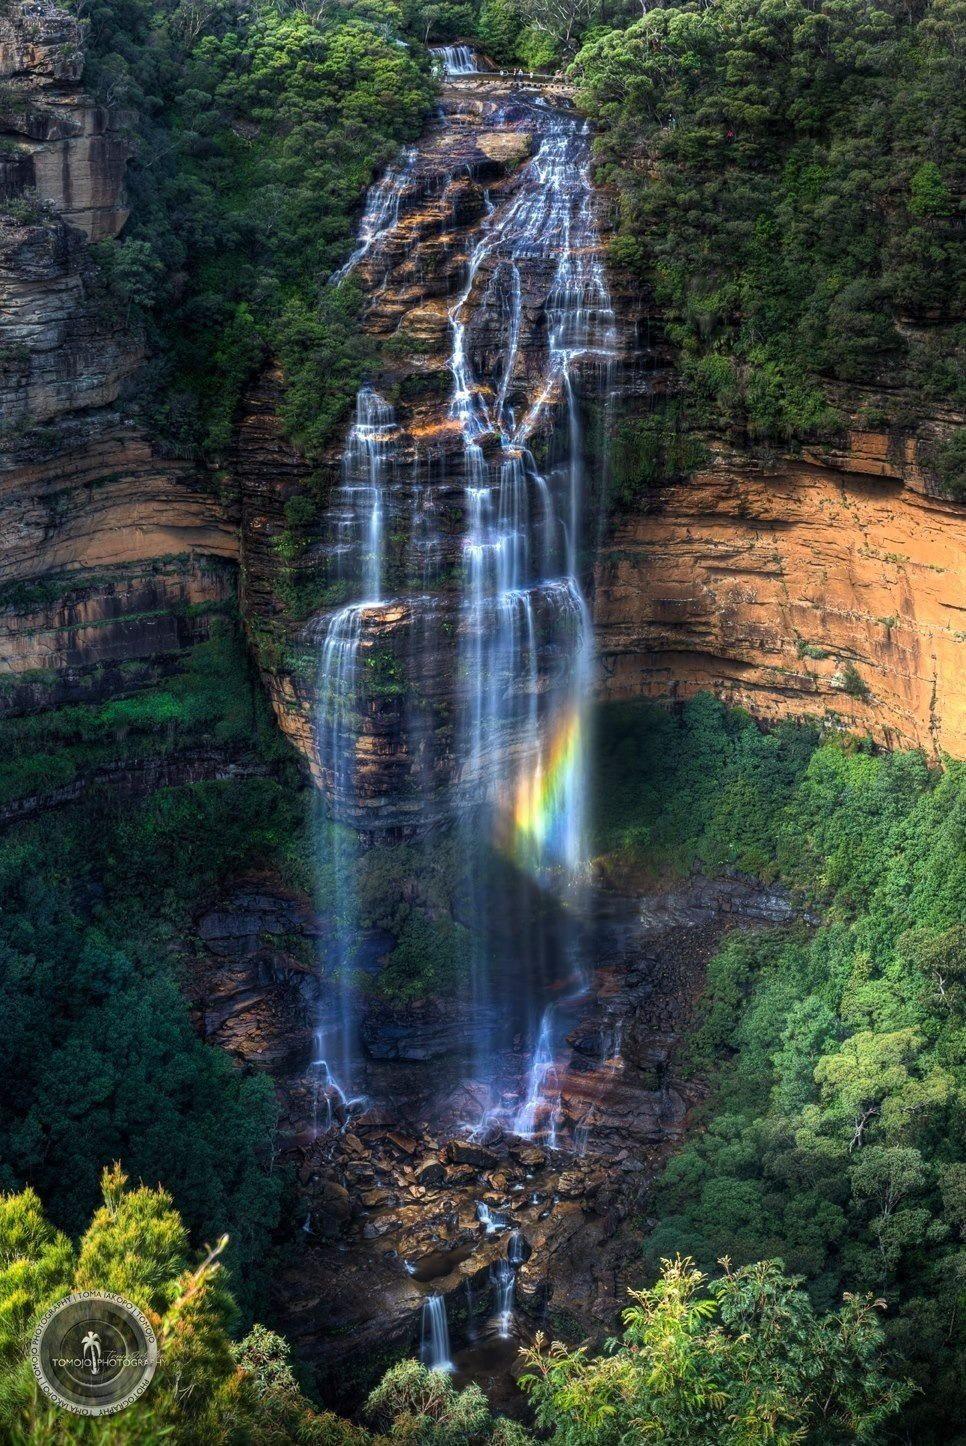 Wentworth Rainbow | Beautiful waterfalls, Waterfall, Beautiful nature